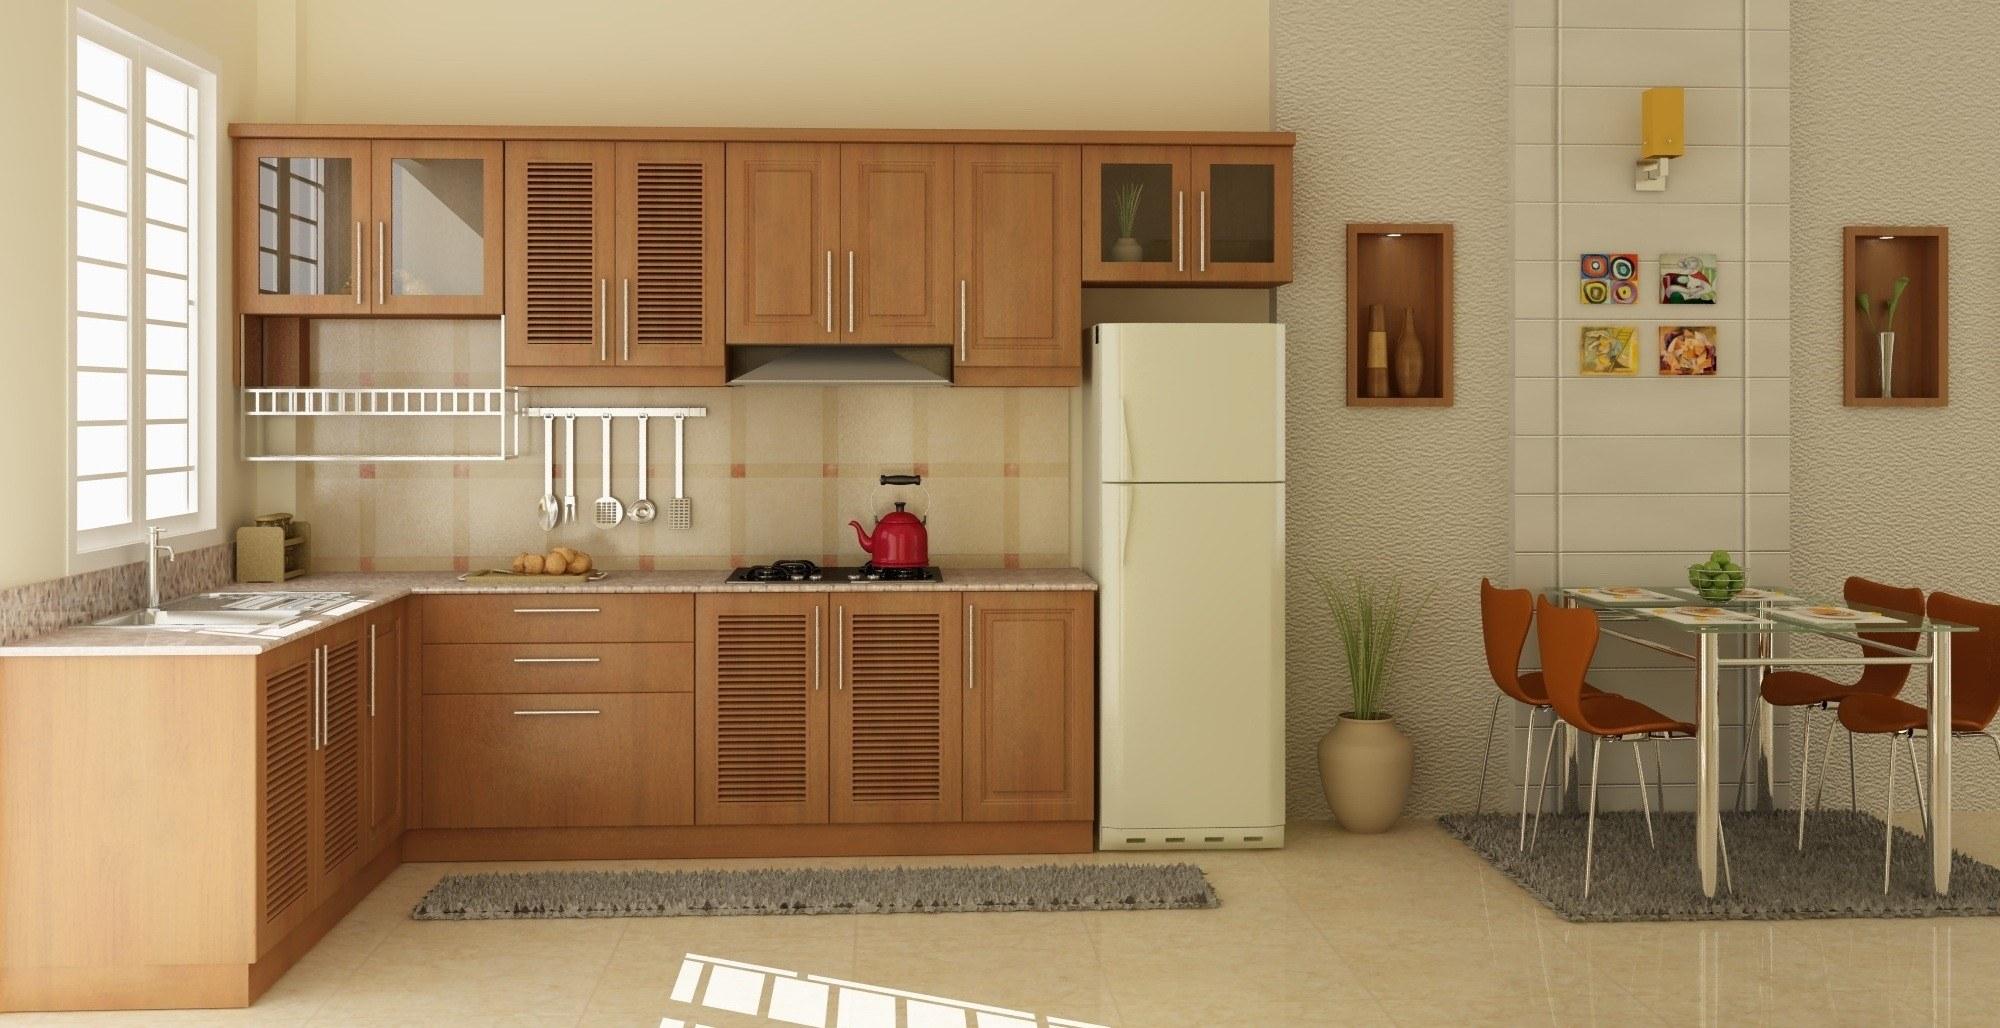 Vị trí đặt bếp phải được lựa chọn kỹ càng, chọn vị trí hợp lý cho hướng bếp tuổi tân dậu